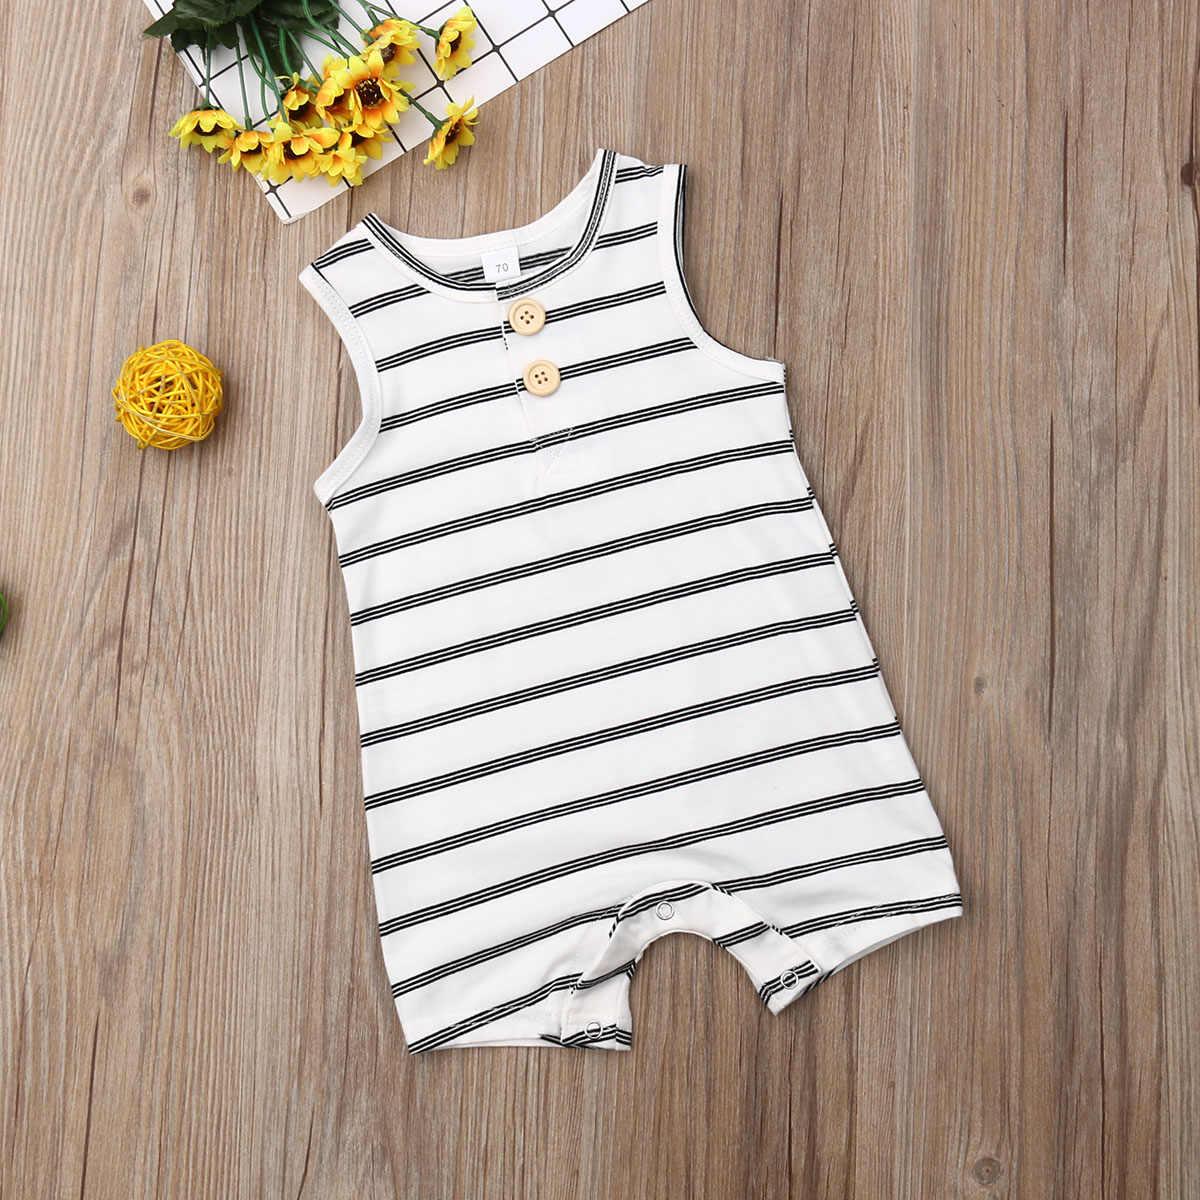 Ropa de verano de bebé 0-24 bebé recién nacido chico chica a rayas mameluco ropa a rayas sin mangas traje de verano mono 0-24m